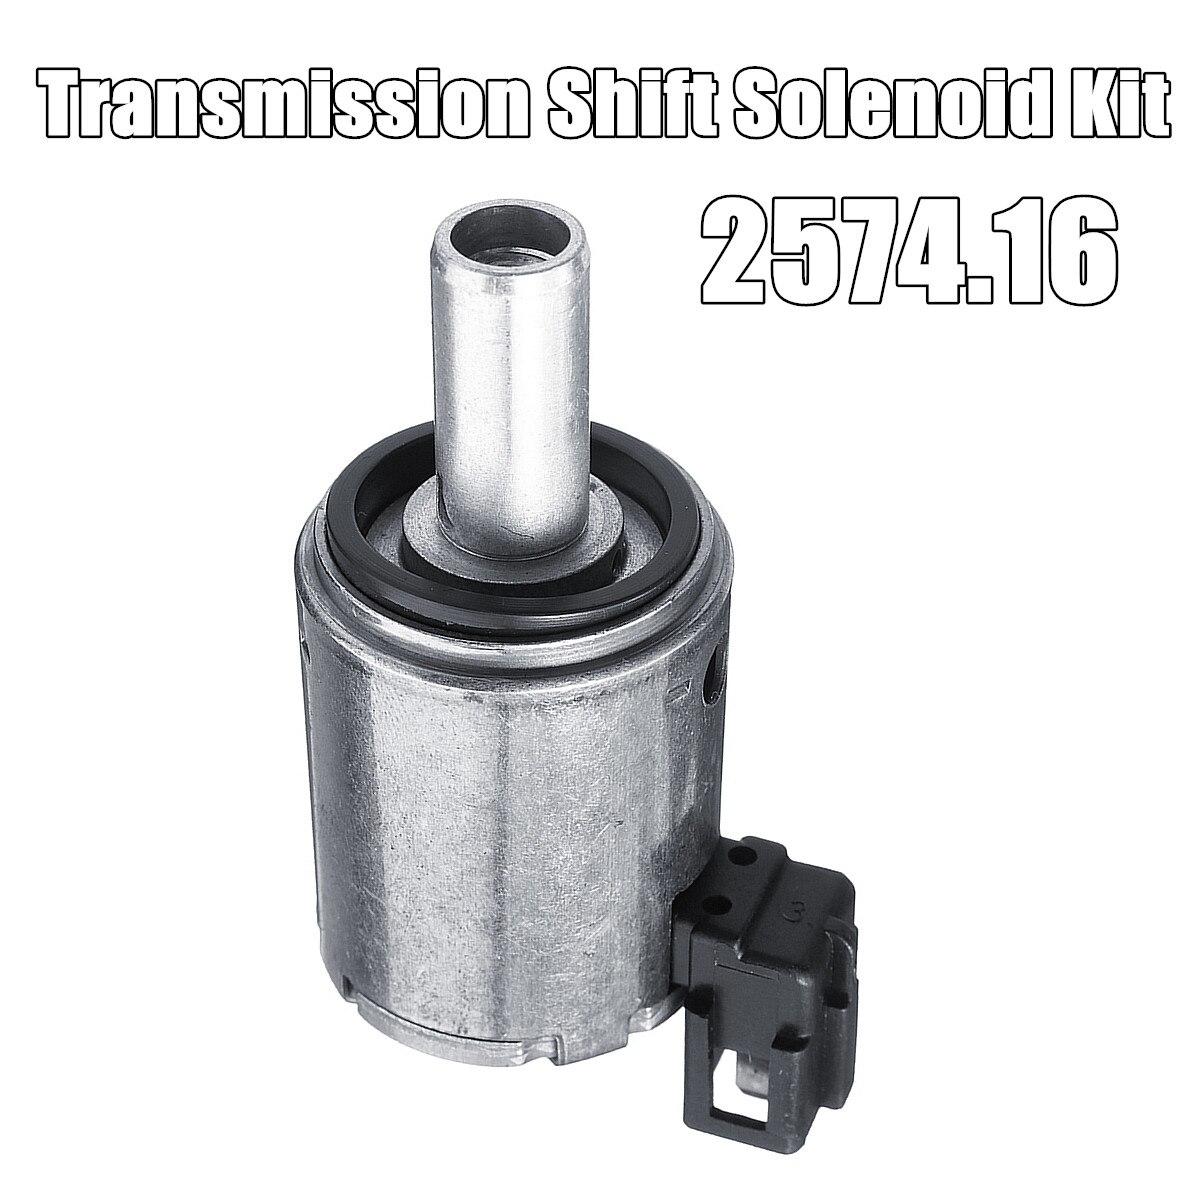 Transmission Shift Solenoid Valve 2574.16 For Citroen Peugeot-Renault AL4 / DPO 36x26x59mm Solenoid Kit Auto Replacement Parts